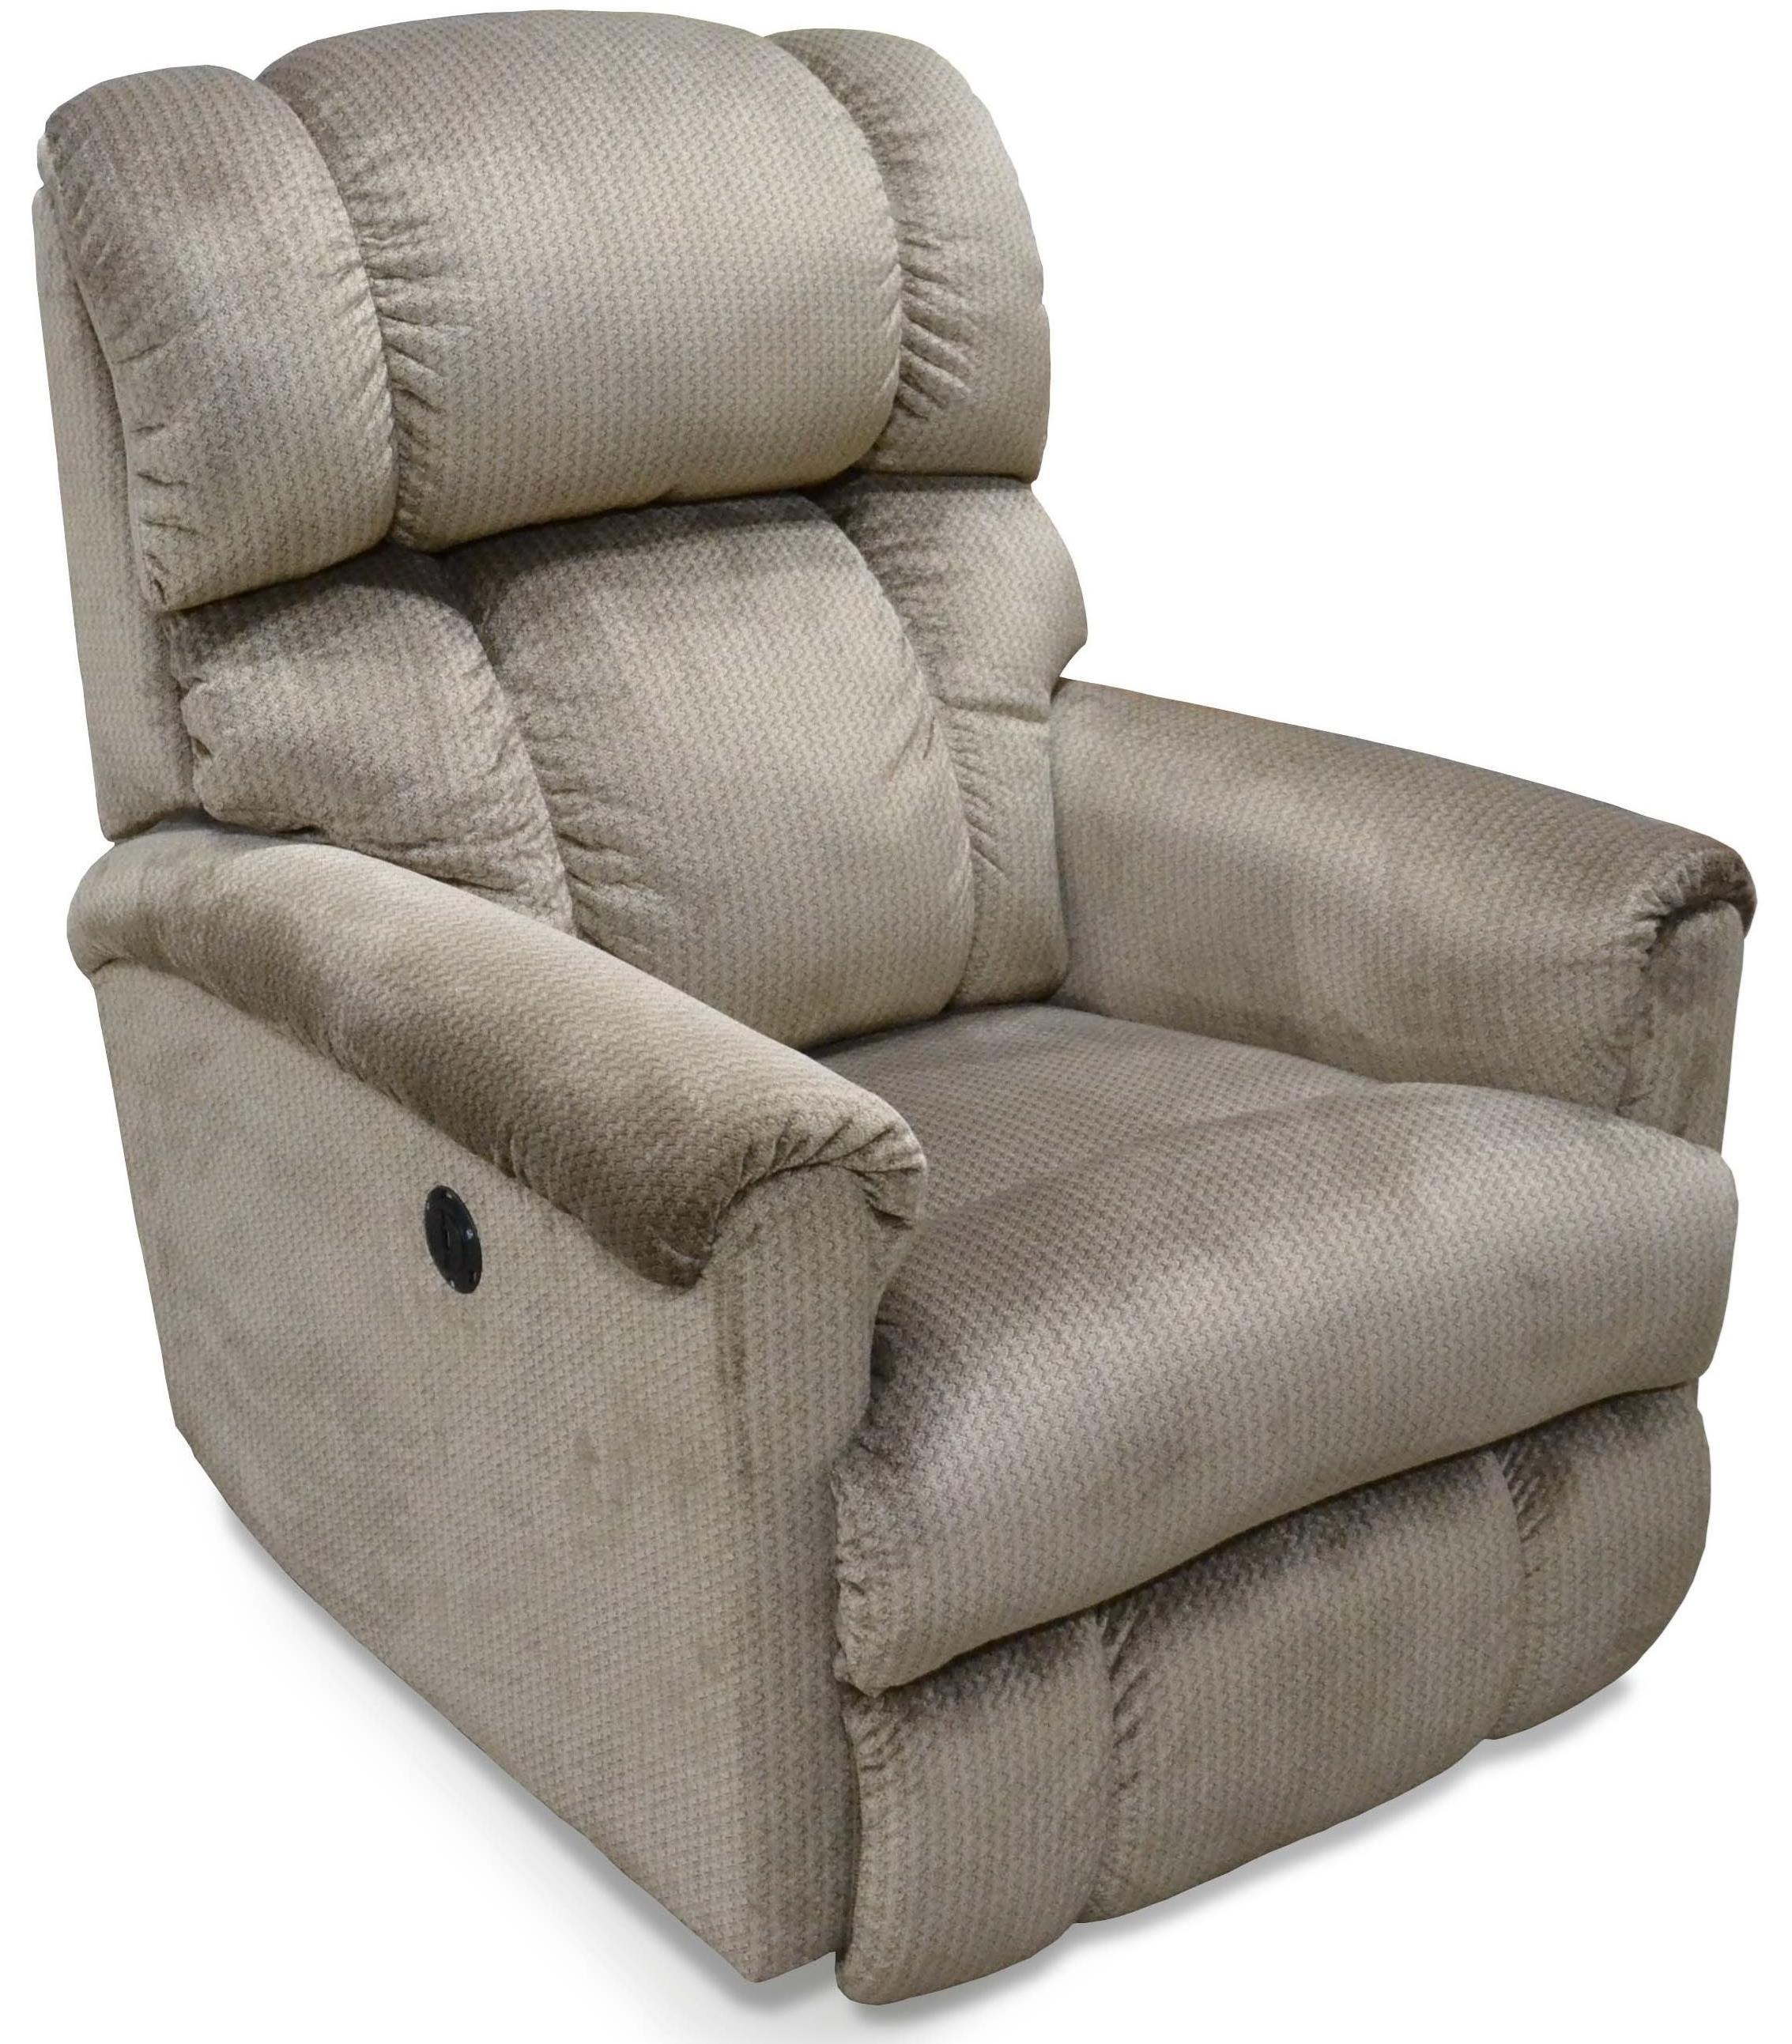 855 Glider Recliner by Stanton at Wilson's Furniture